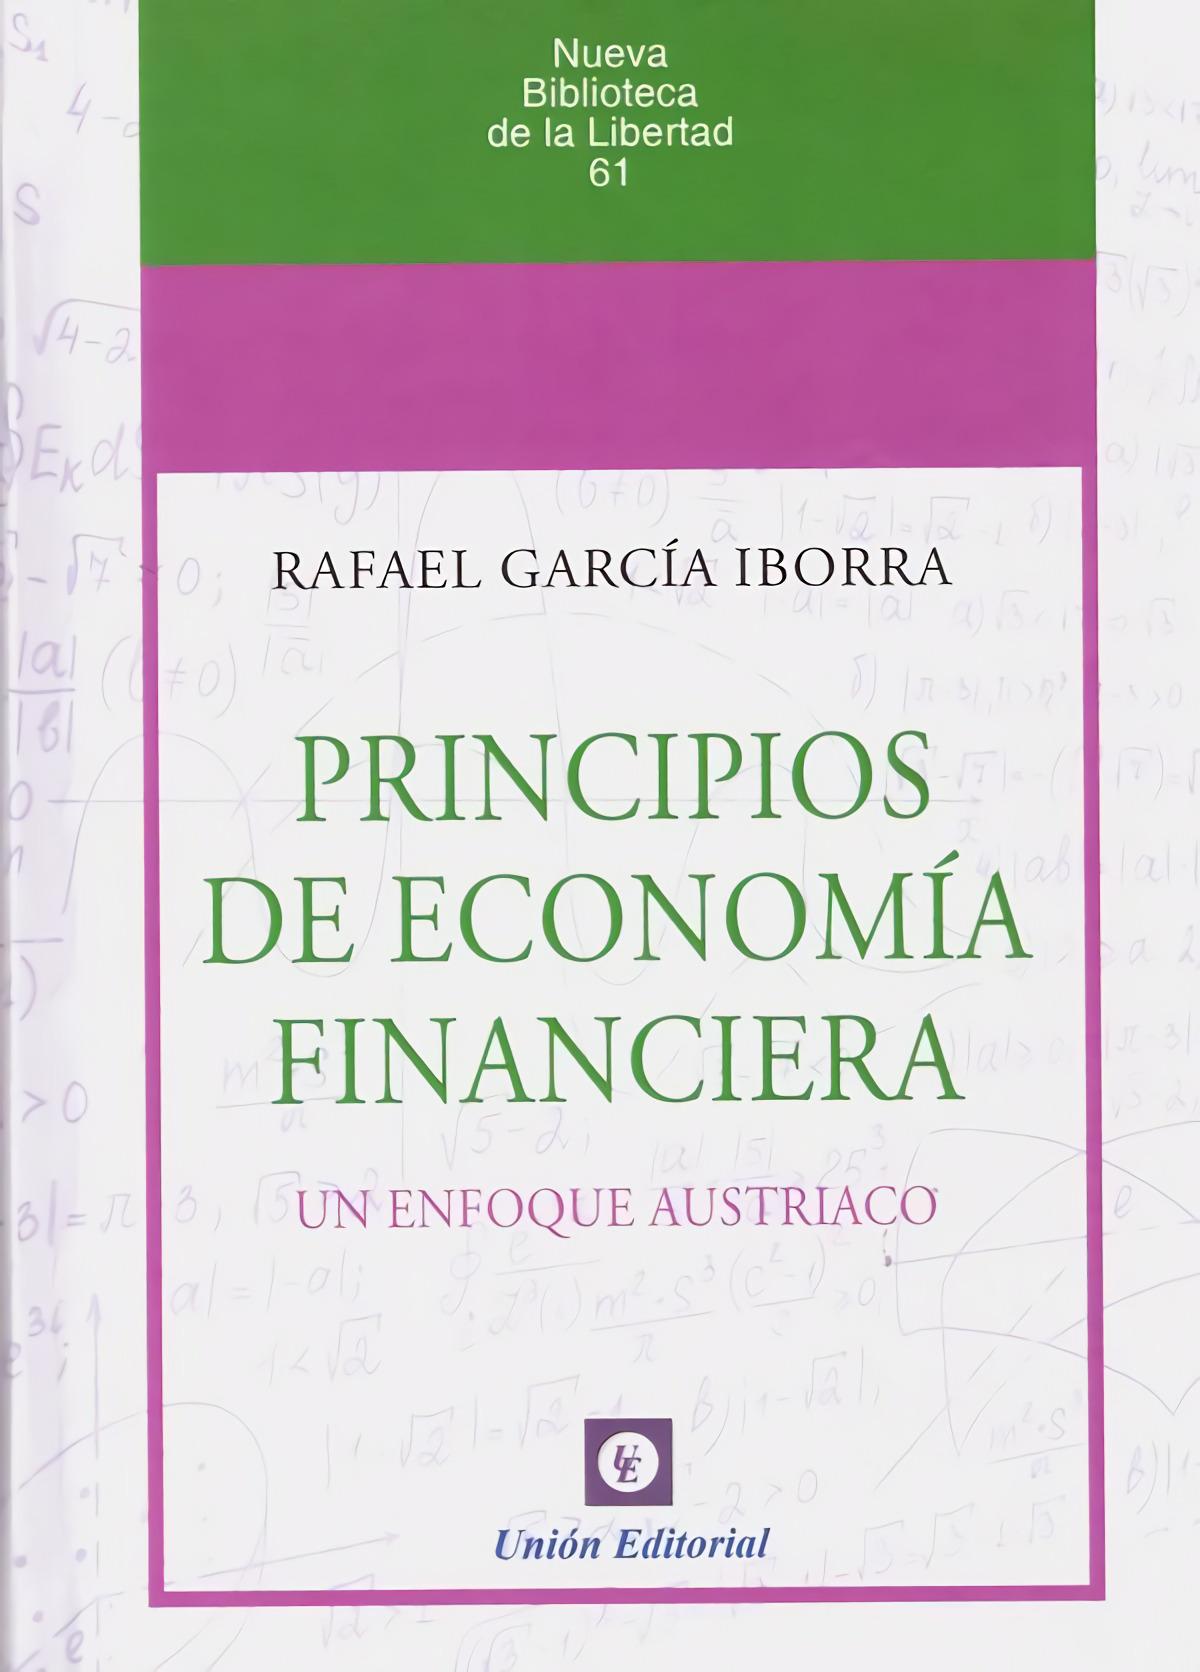 PRINCIPIOS DE ECONOMIA FINANCIERA.